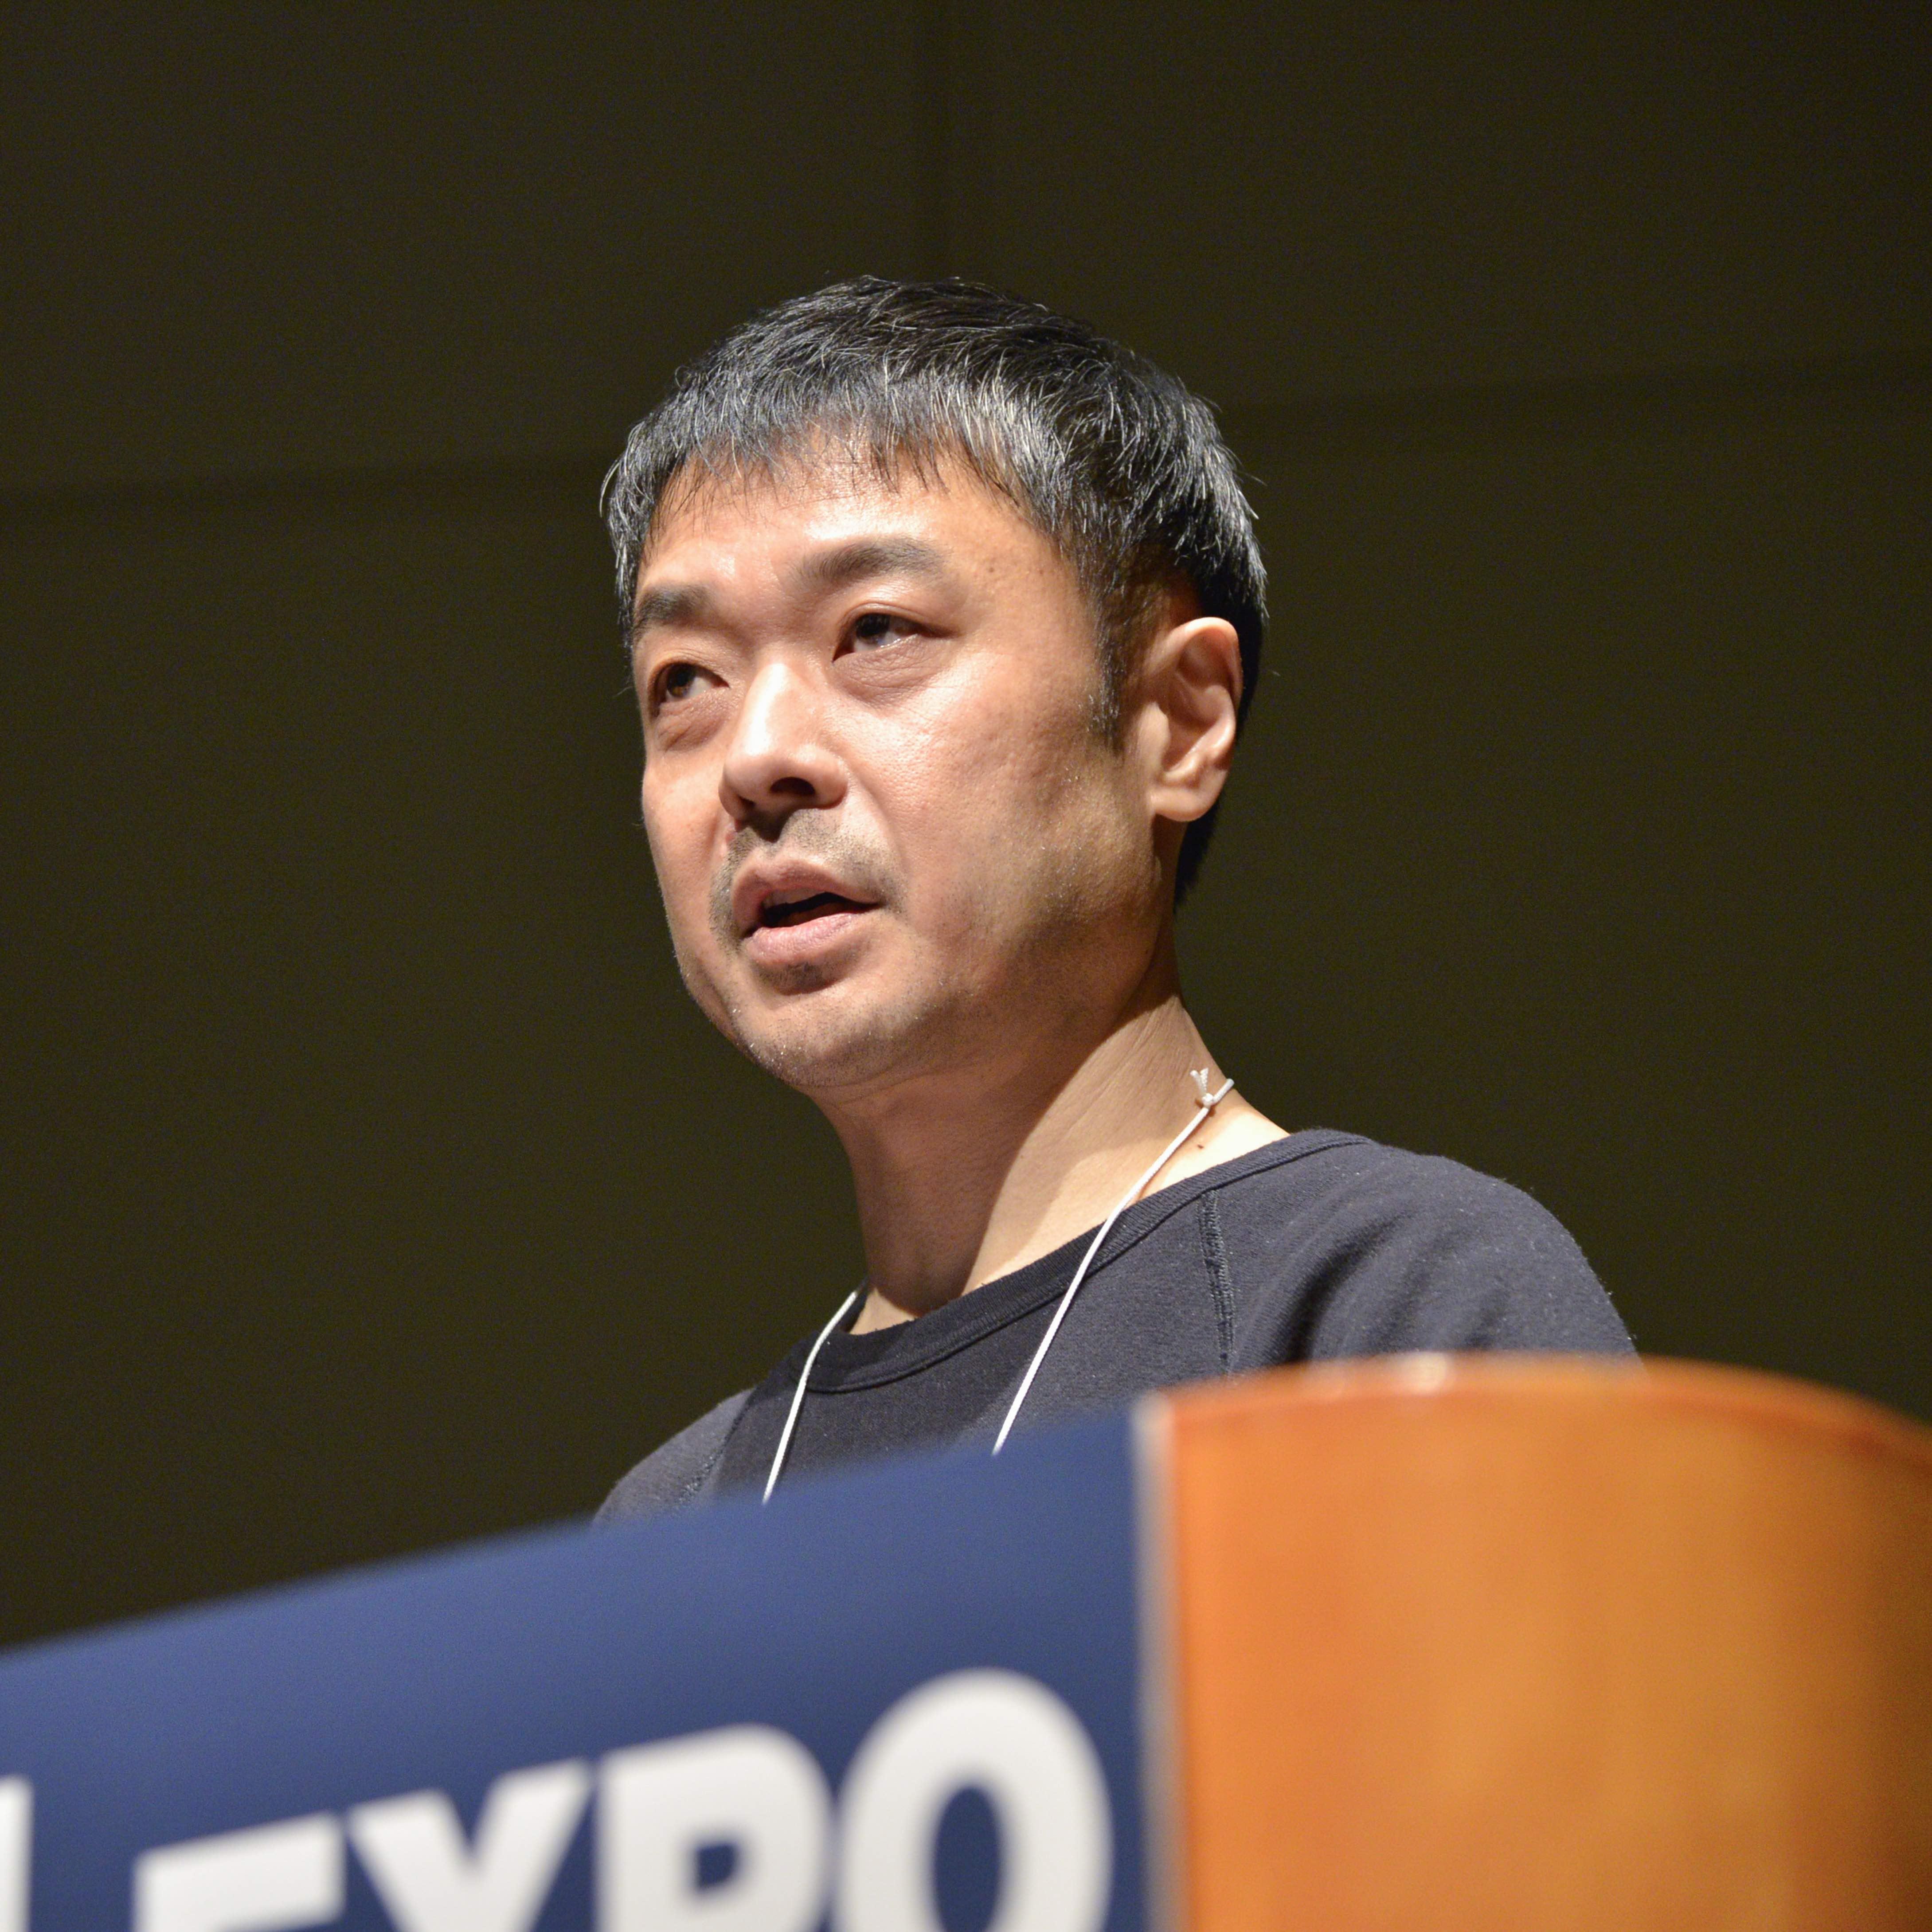 第3回スマート工場EXPOにて弊社代表宮田が1,200名の聴講者へ「Intelligent logisticsが導く物流の未来」をテーマに特別講演